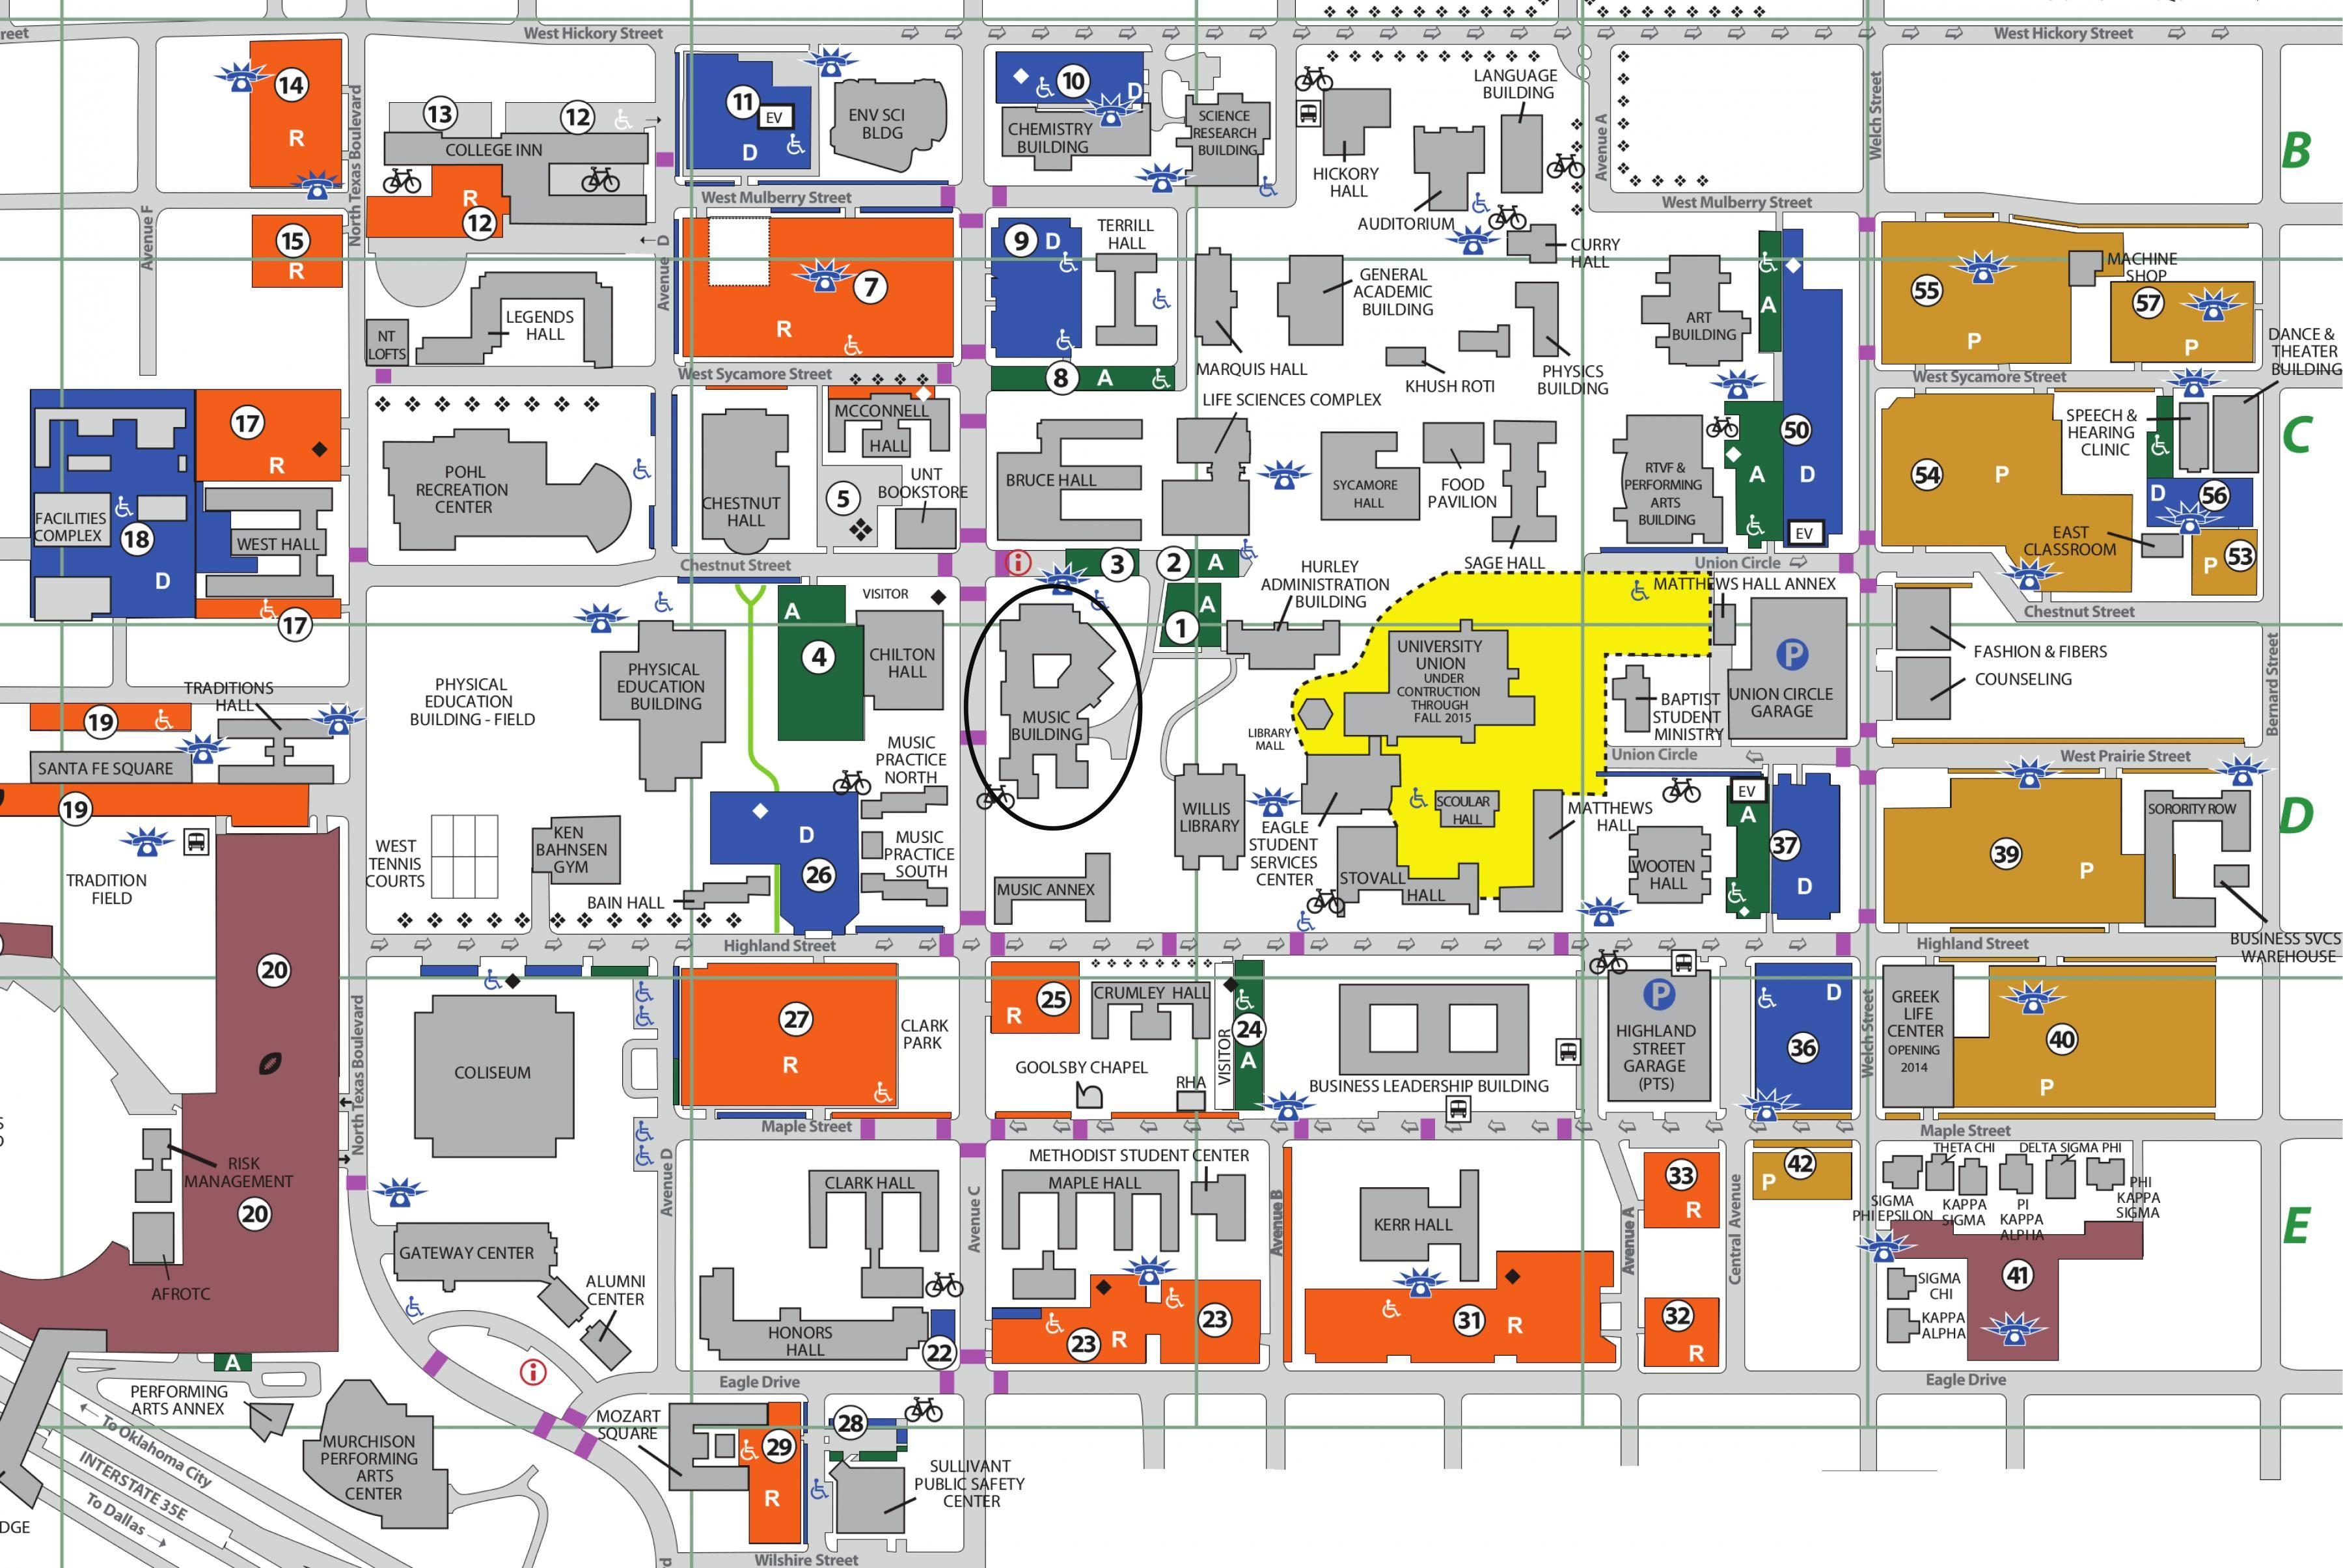 unt denton campus map Unt Dallas Campus Map Campus Map Campus University Campus unt denton campus map